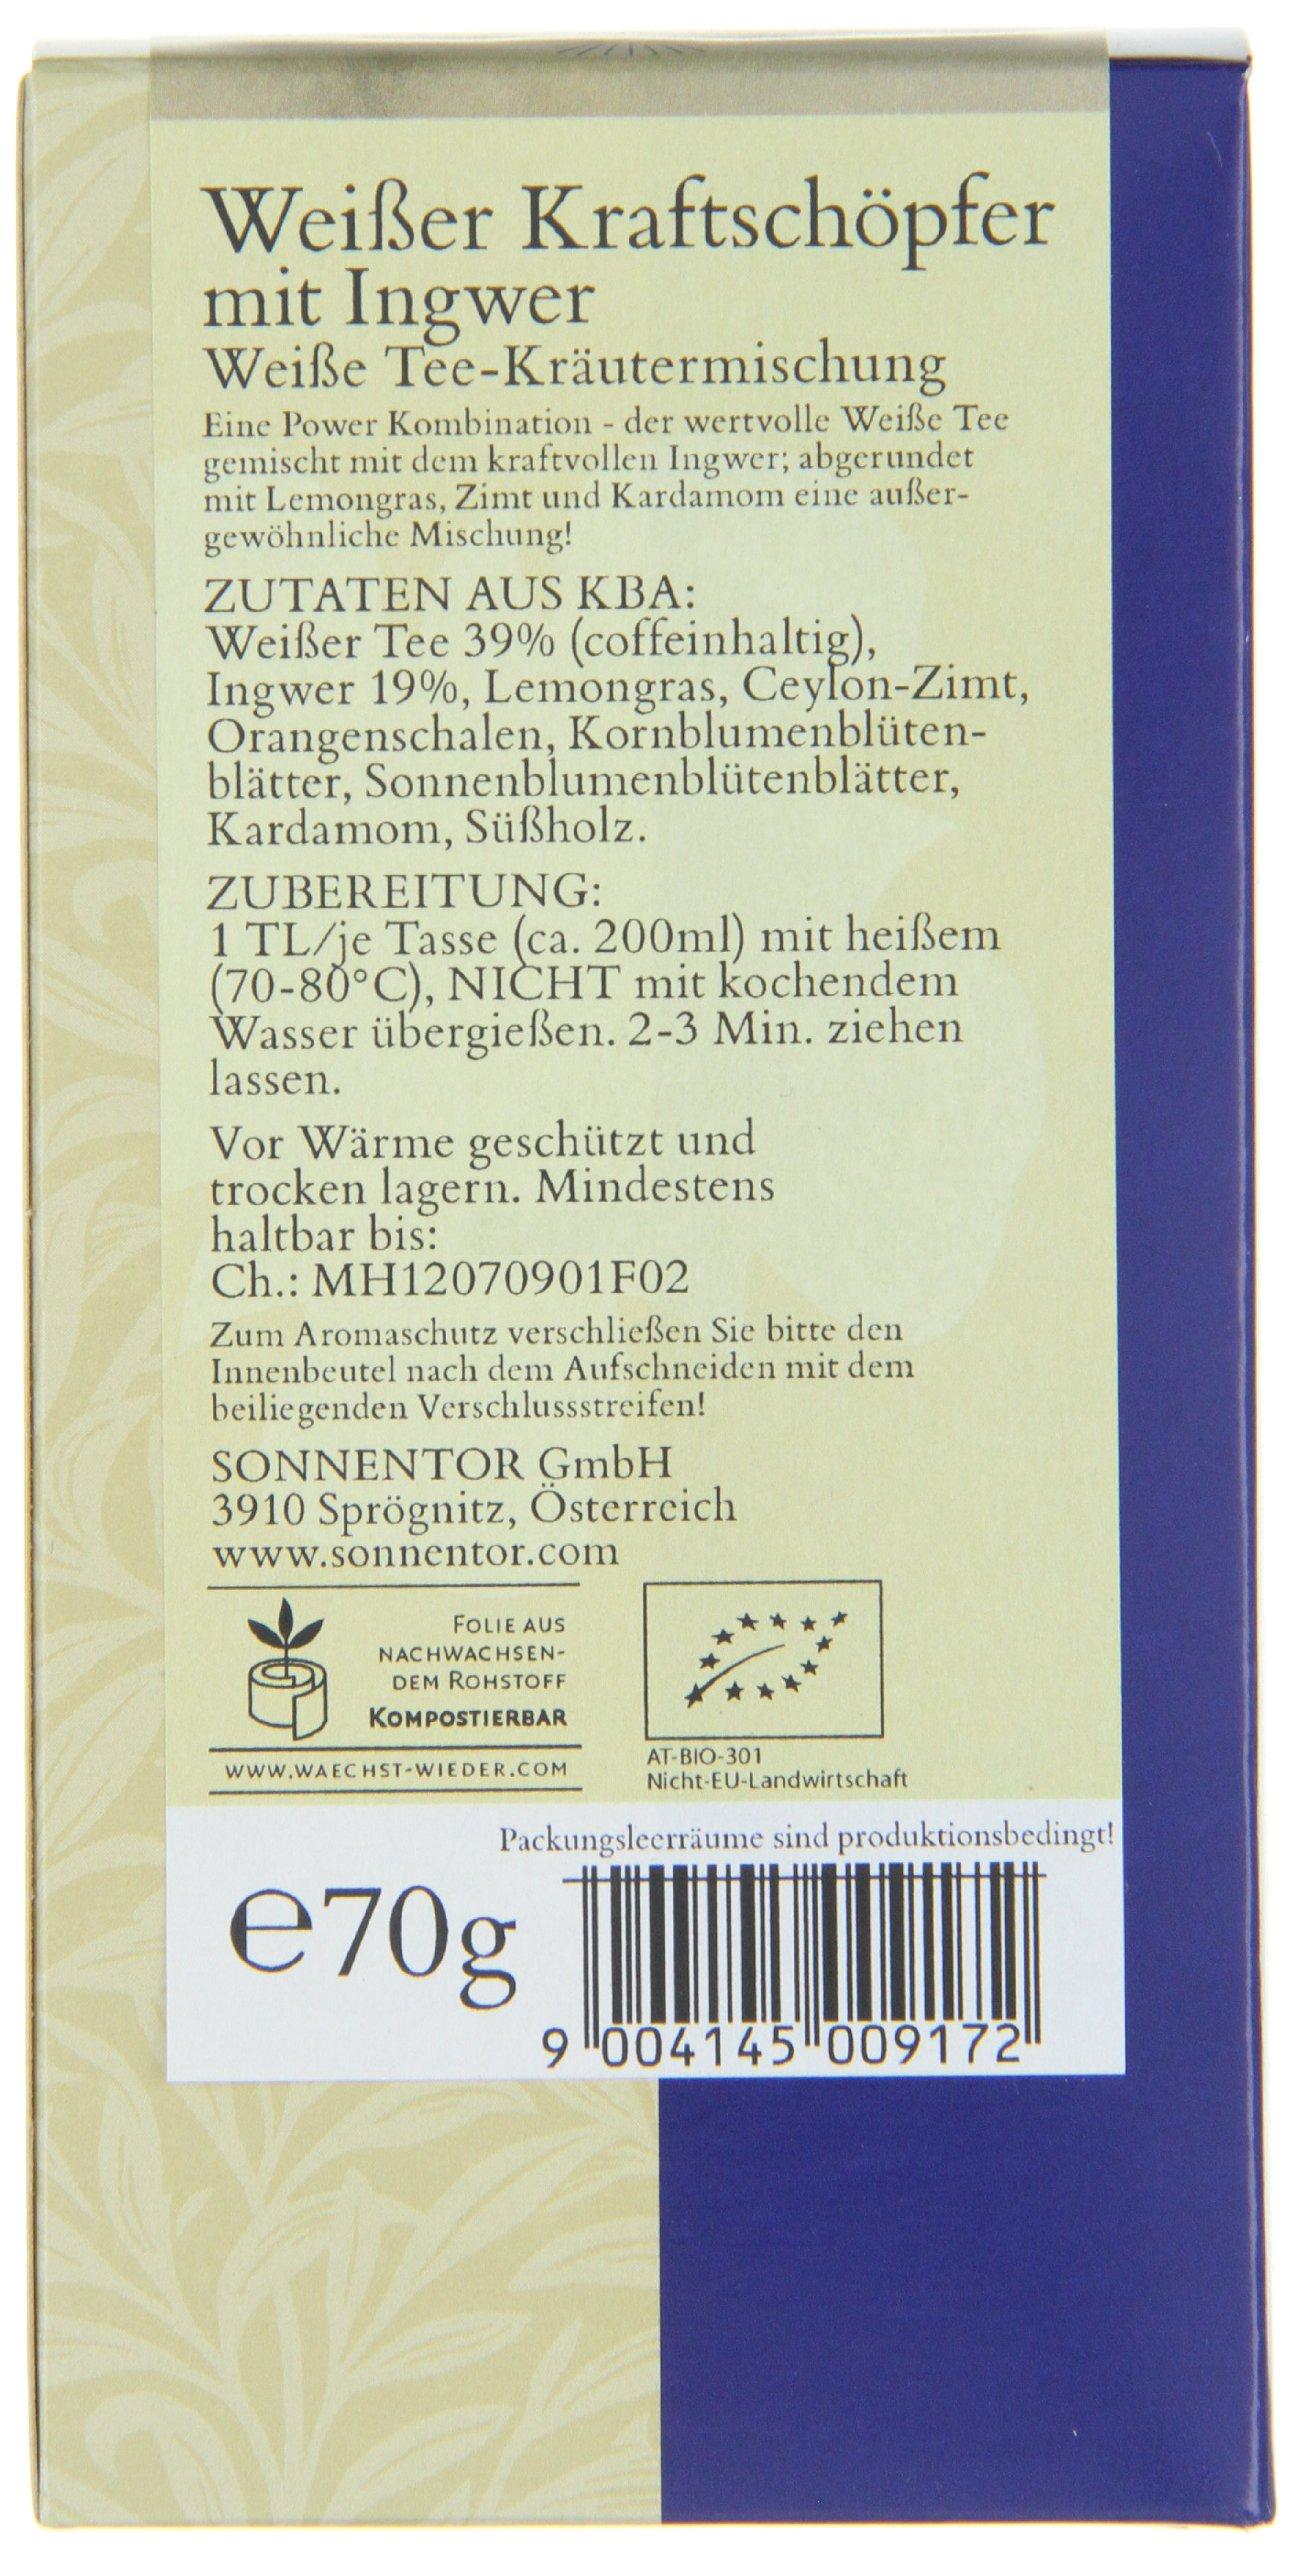 Sonnentor-Weier-Kraftschpfer-Tee-lose-1er-Pack-1-x-70-g-Bio